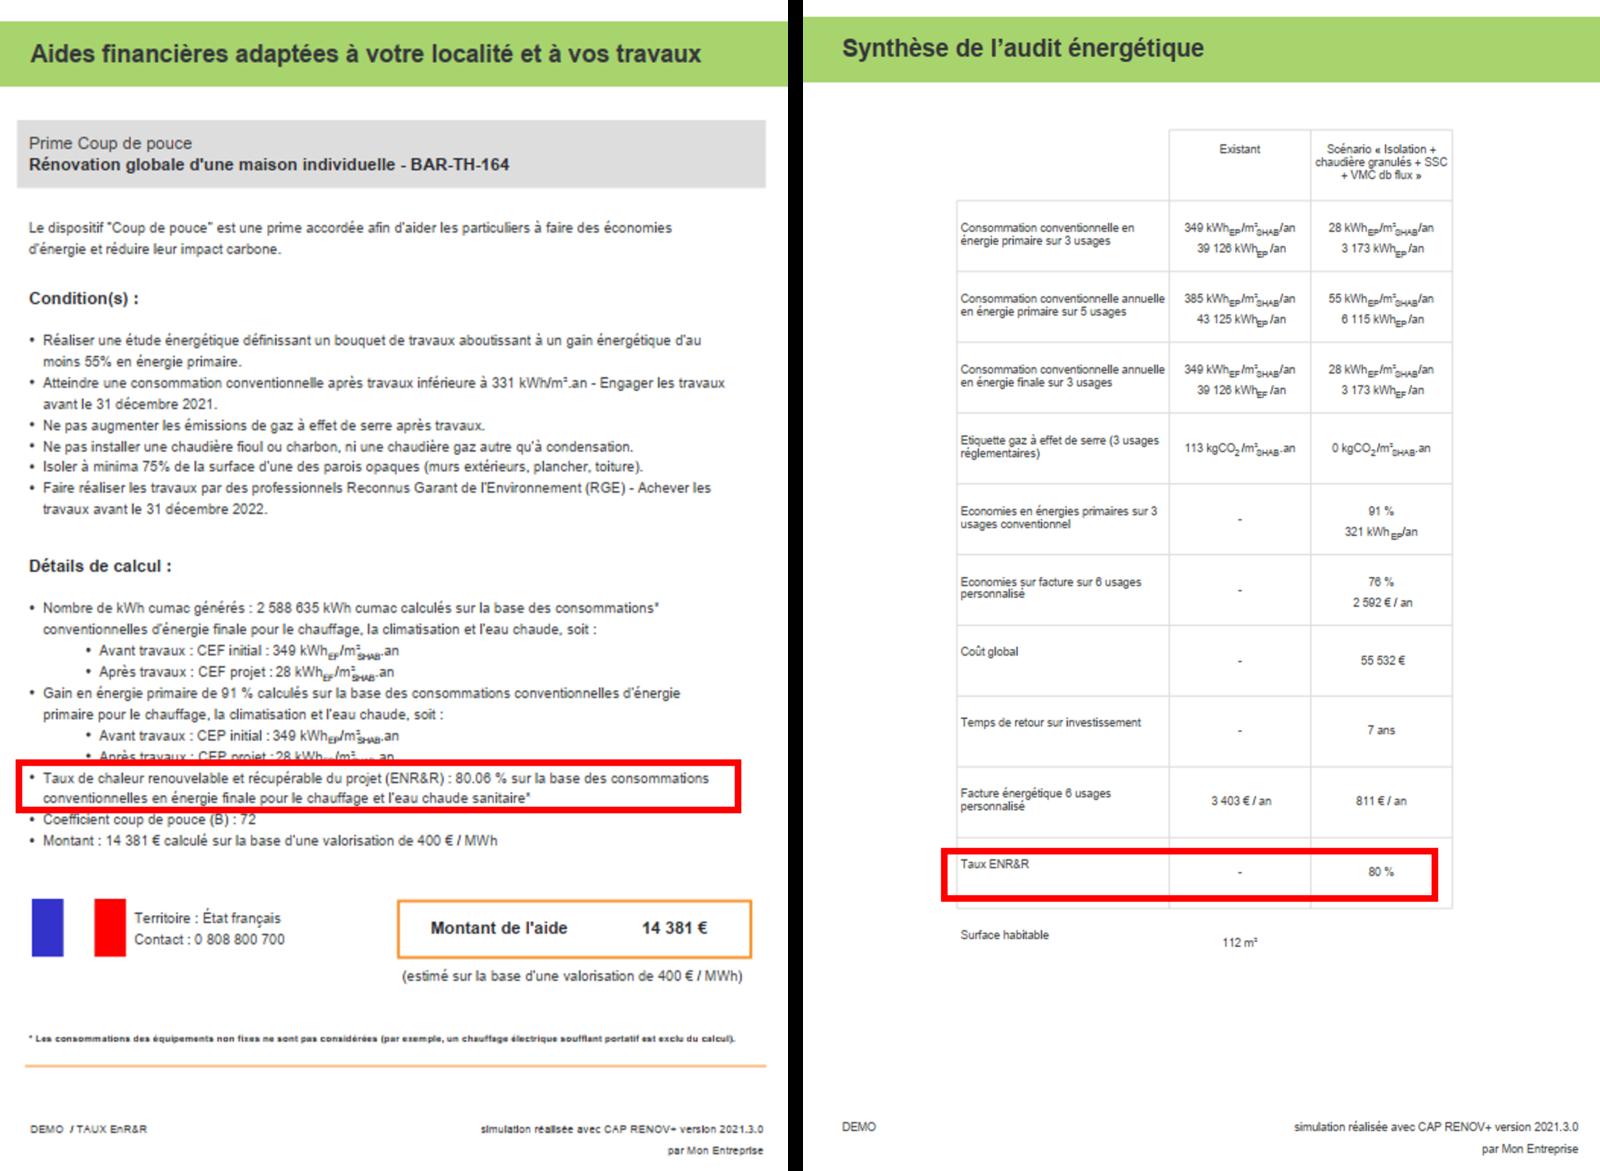 Indications du taux d'ENR&R sur le rapport PDF